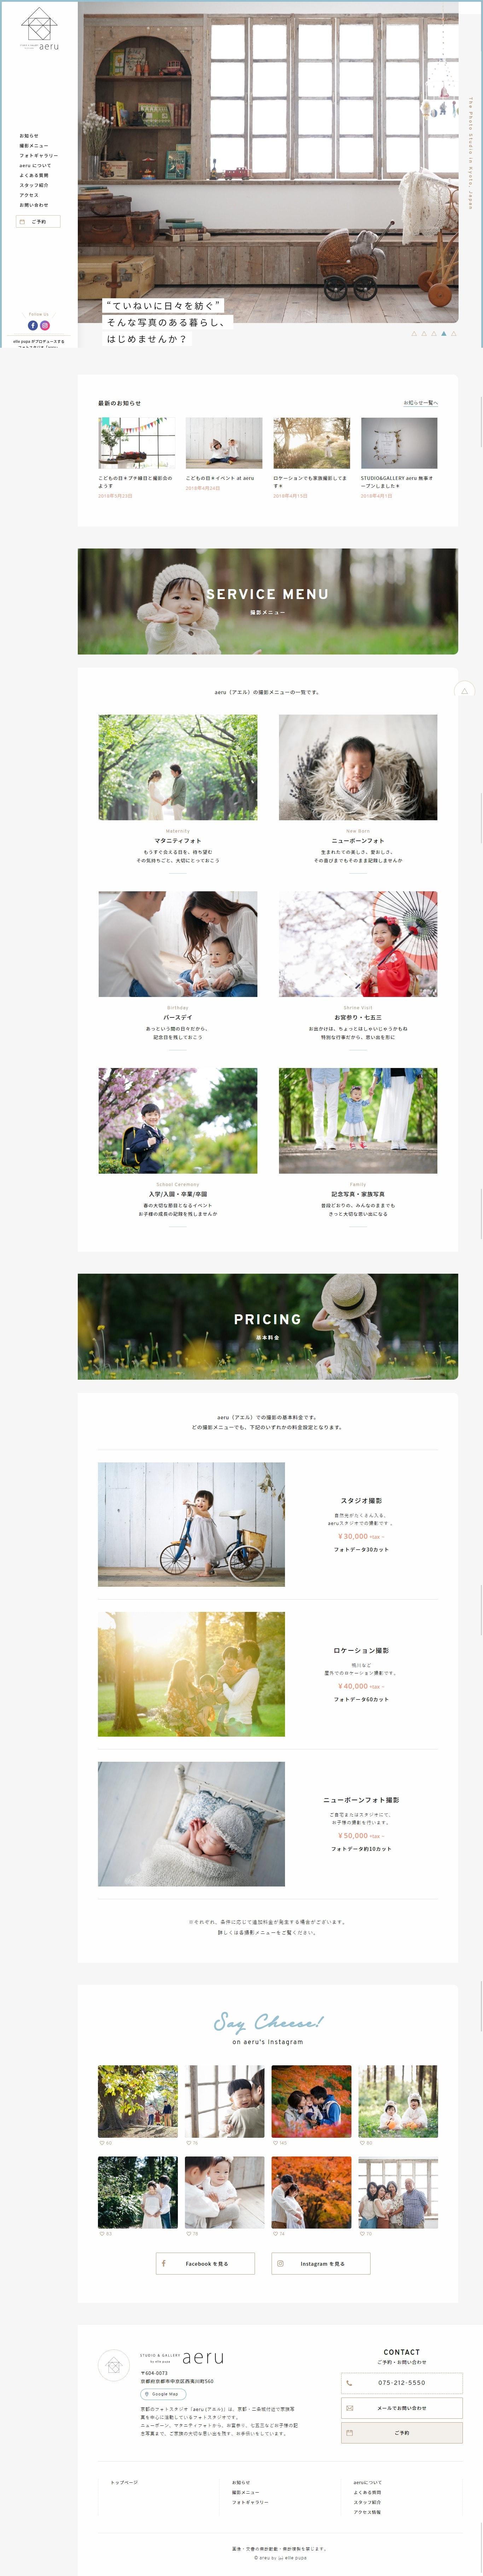 京都のフォトスタジオ aeru (アエル) | お宮参り、七五三、ニューボーン、マタニティなどの家族写真